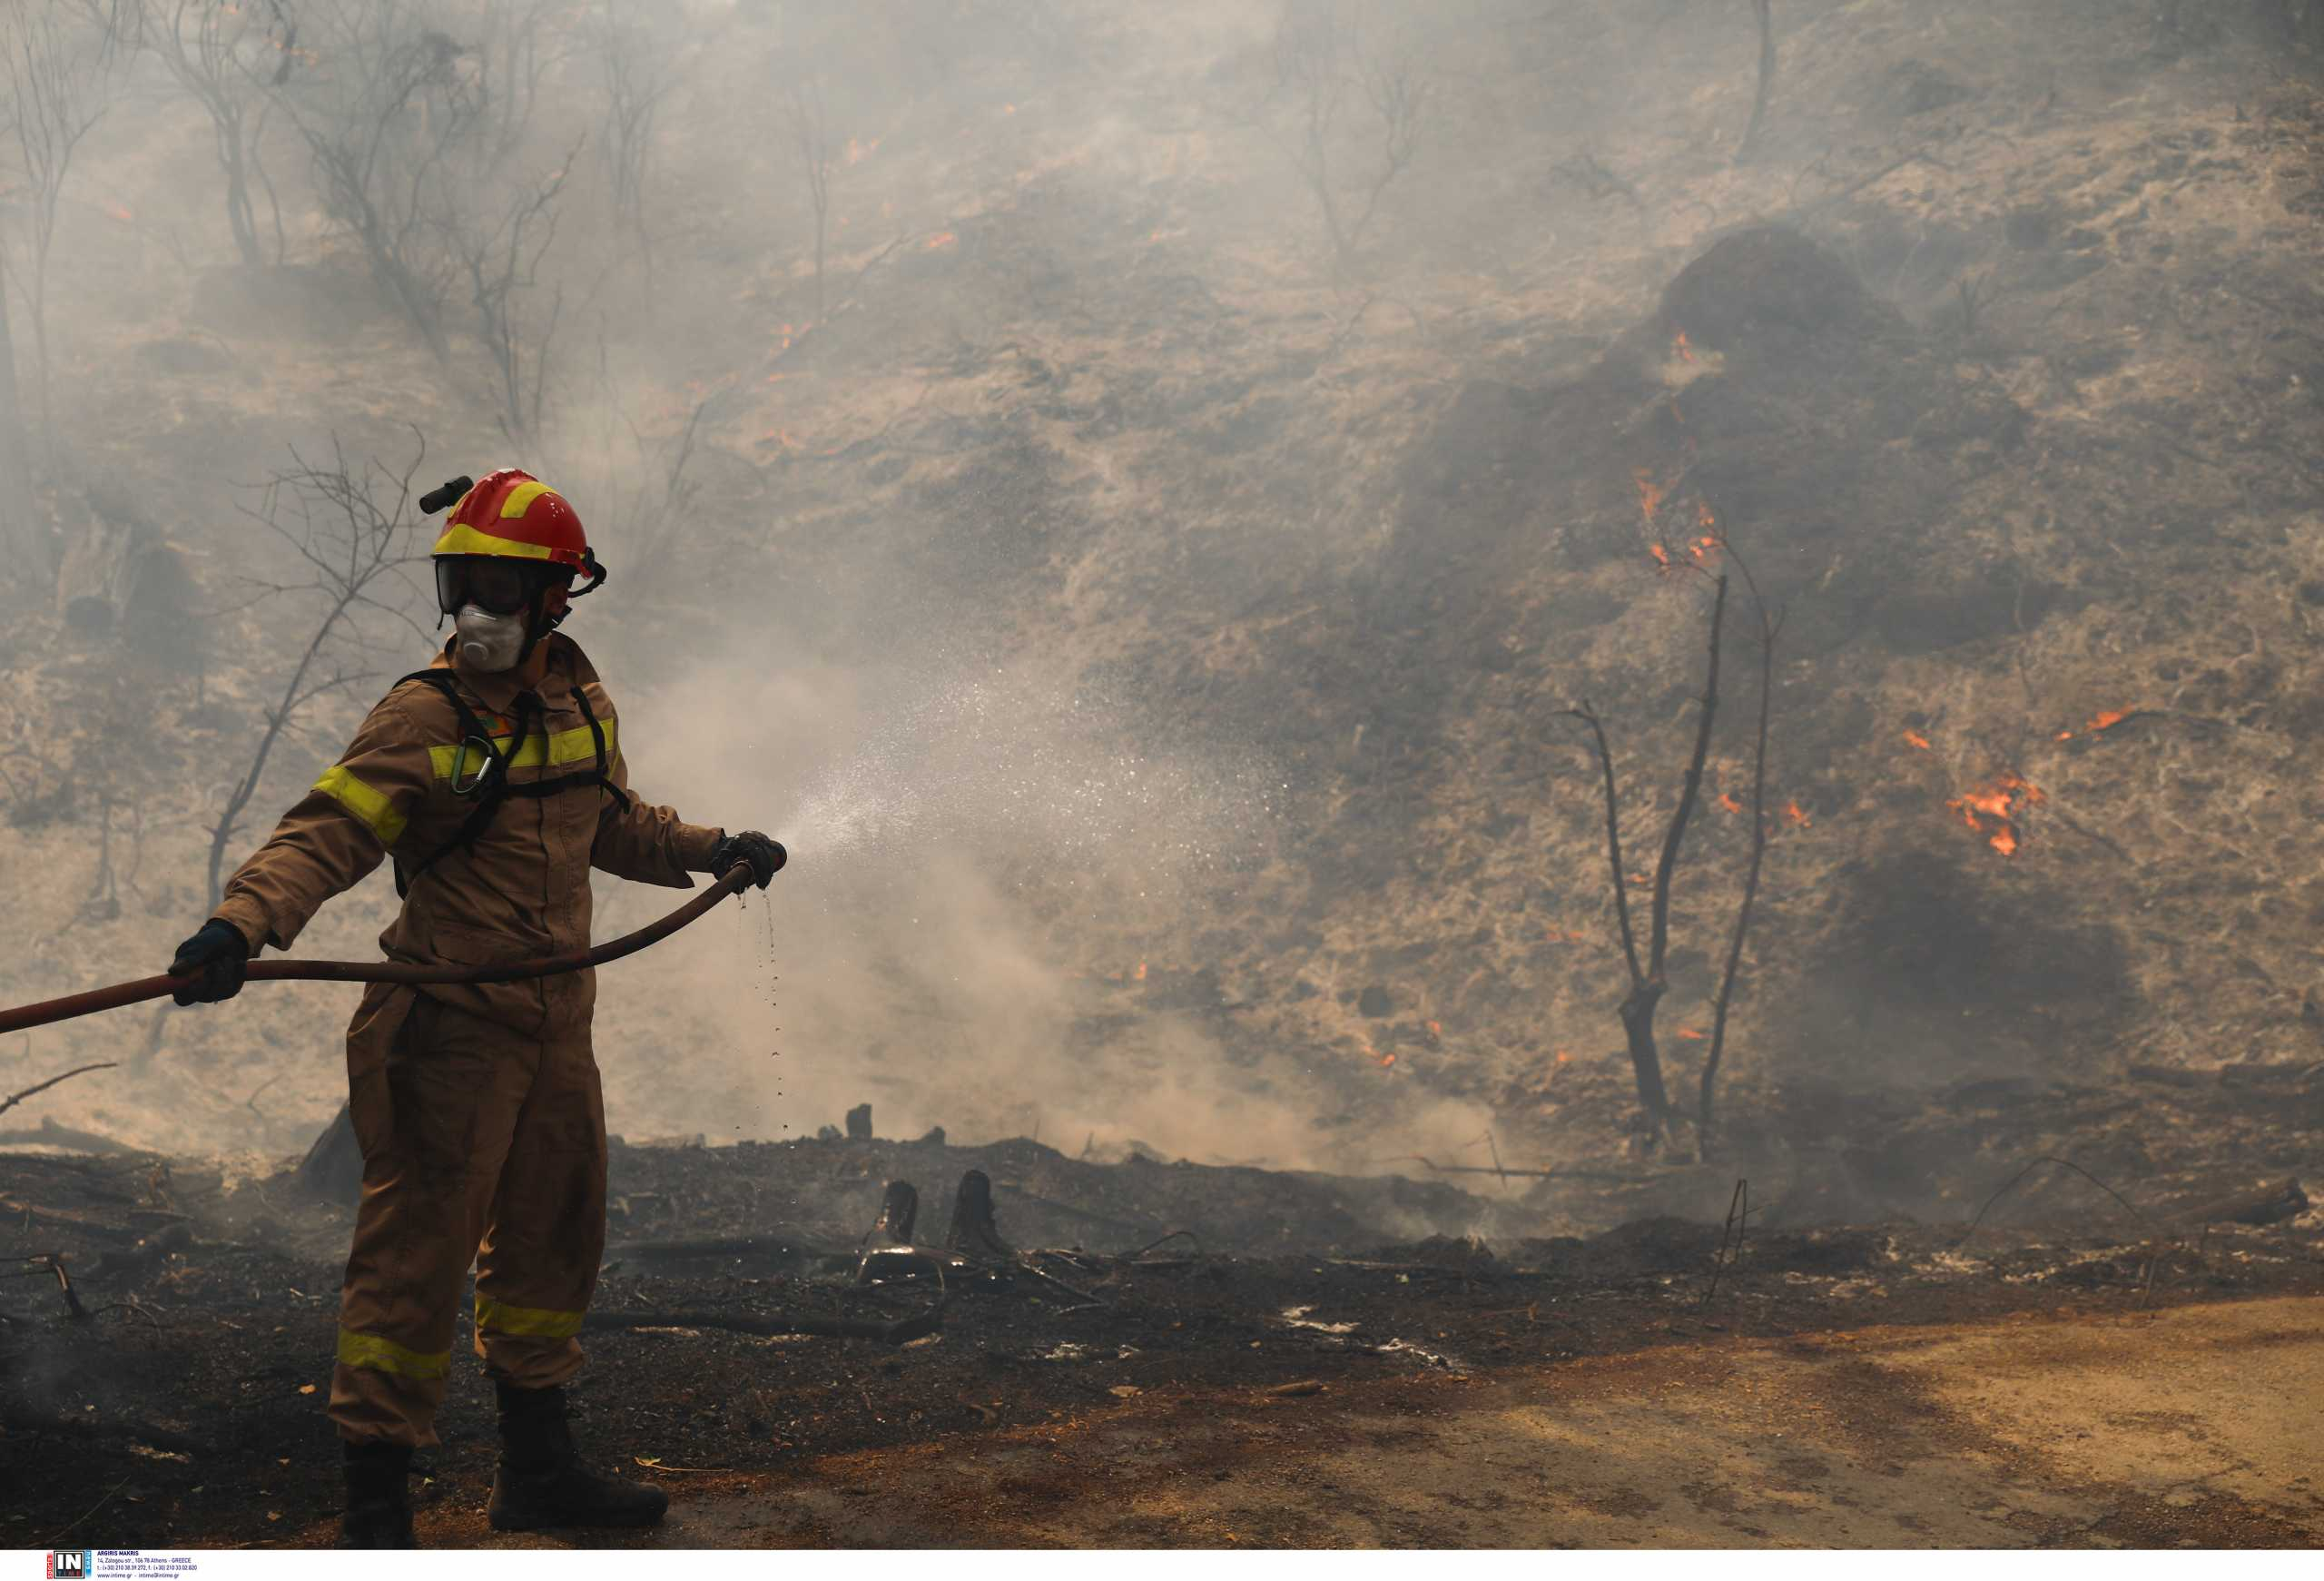 Φωτιά και στην Ελαία Φωκίδας – Ζητήθηκε εκκένωση του χωριού